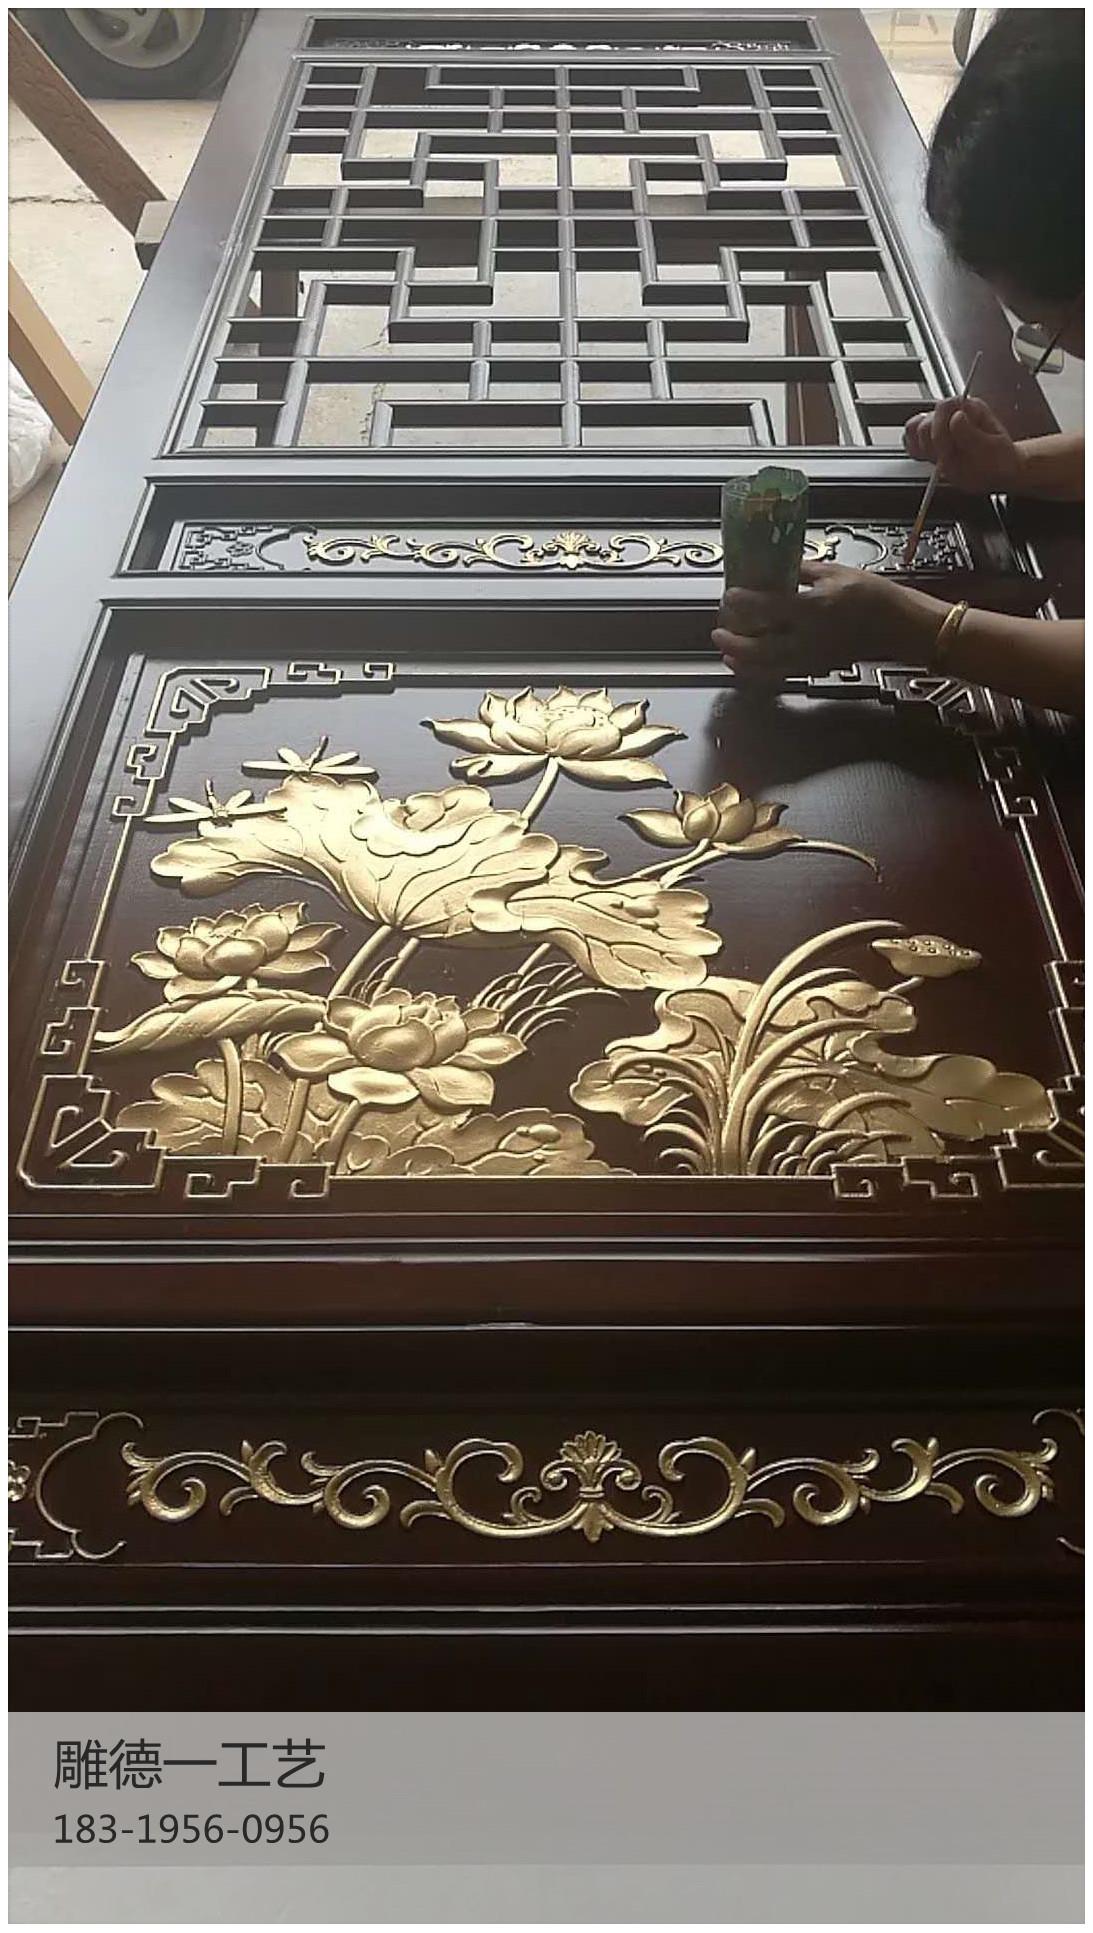 仿古花木雕角花(装修花格定制)雕刻仿古窗花